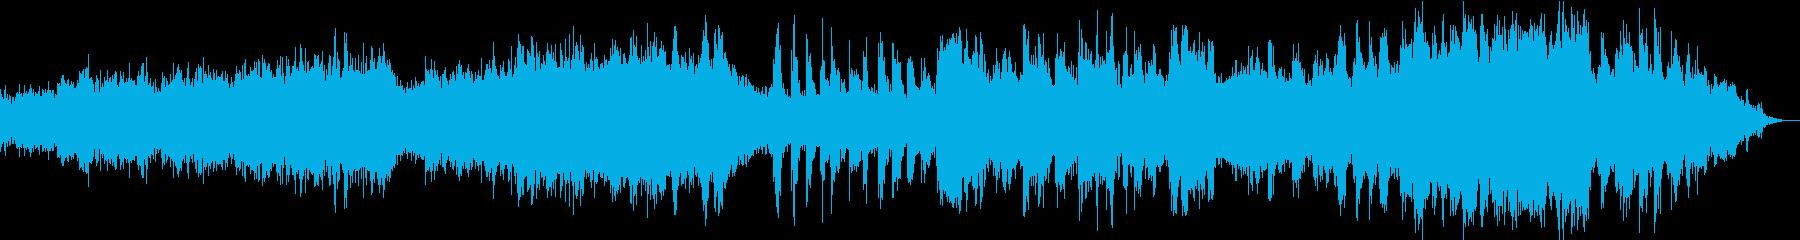 チェロとギターによる物悲しい旋律の再生済みの波形